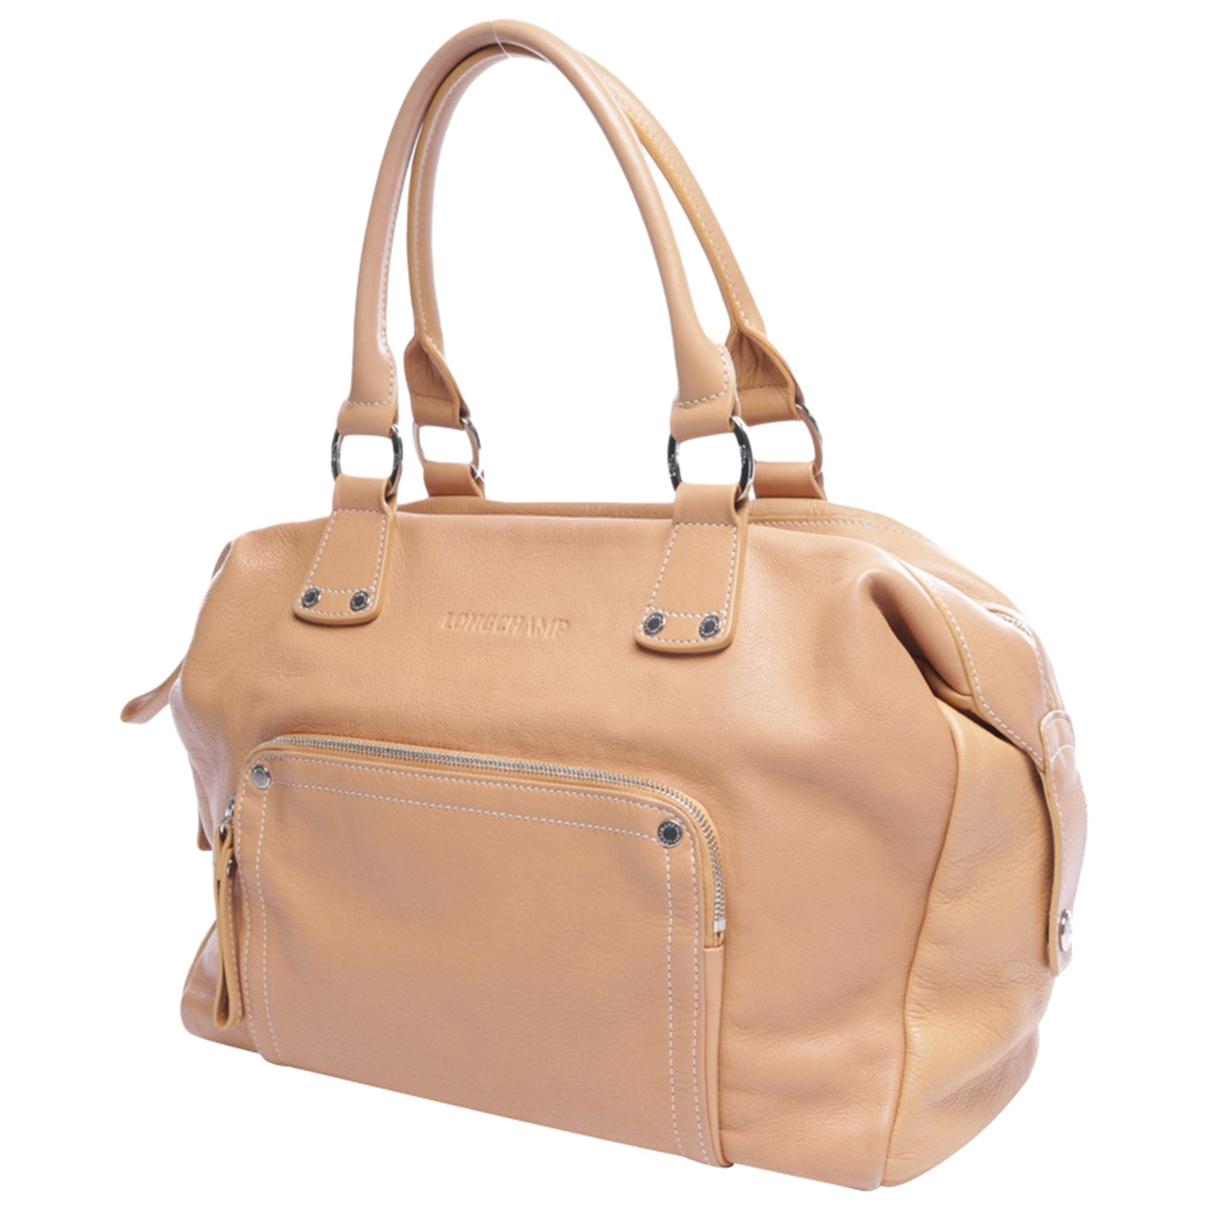 Longchamp N Beige Leather handbag for Women N